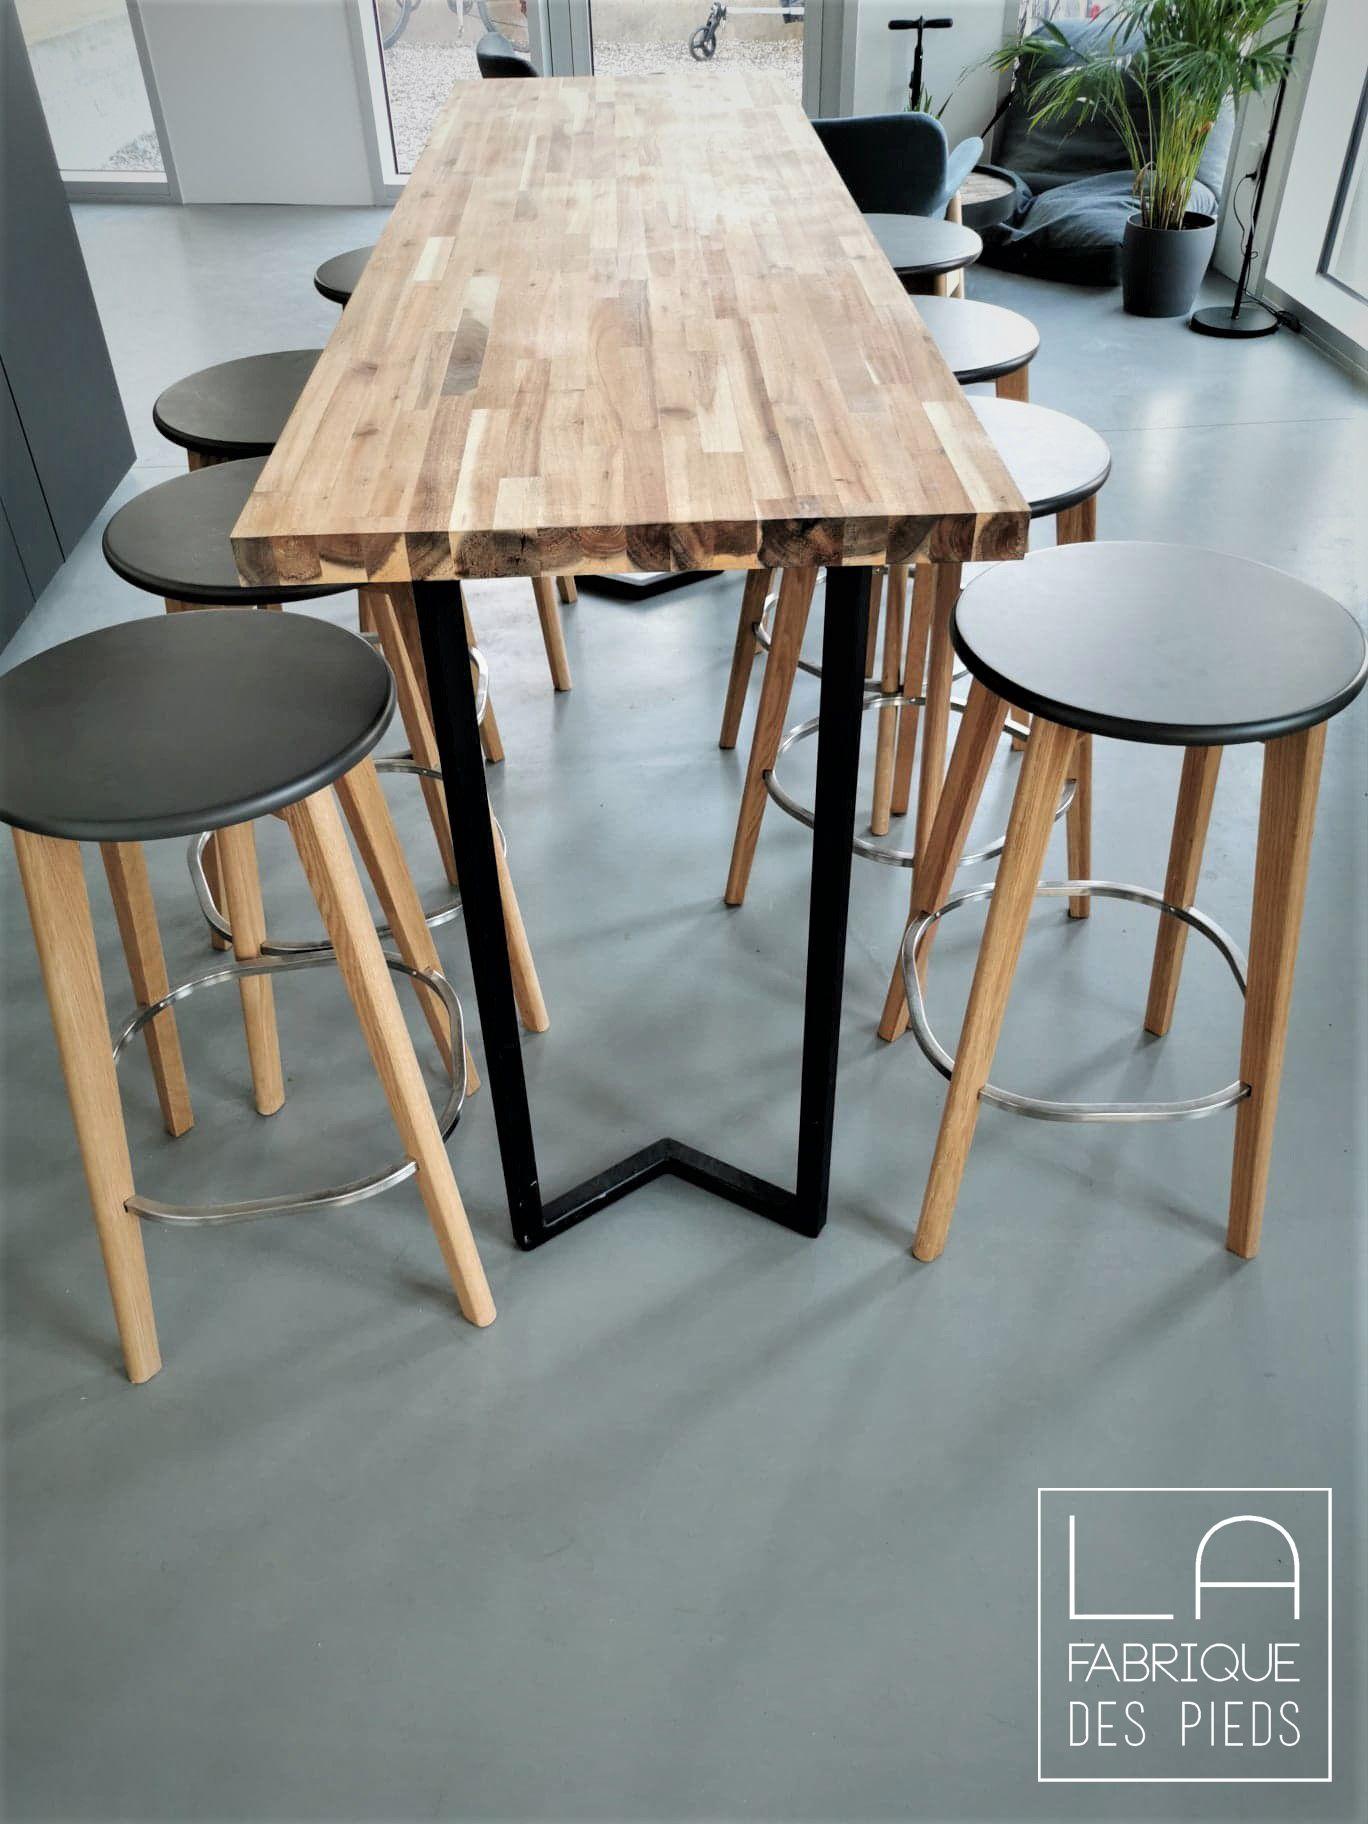 Pied Pour Console M 90 Cm La Fabrique Des Pieds En 2020 Table Haute Mange Debout La Fabrique Des Pieds Table Haute